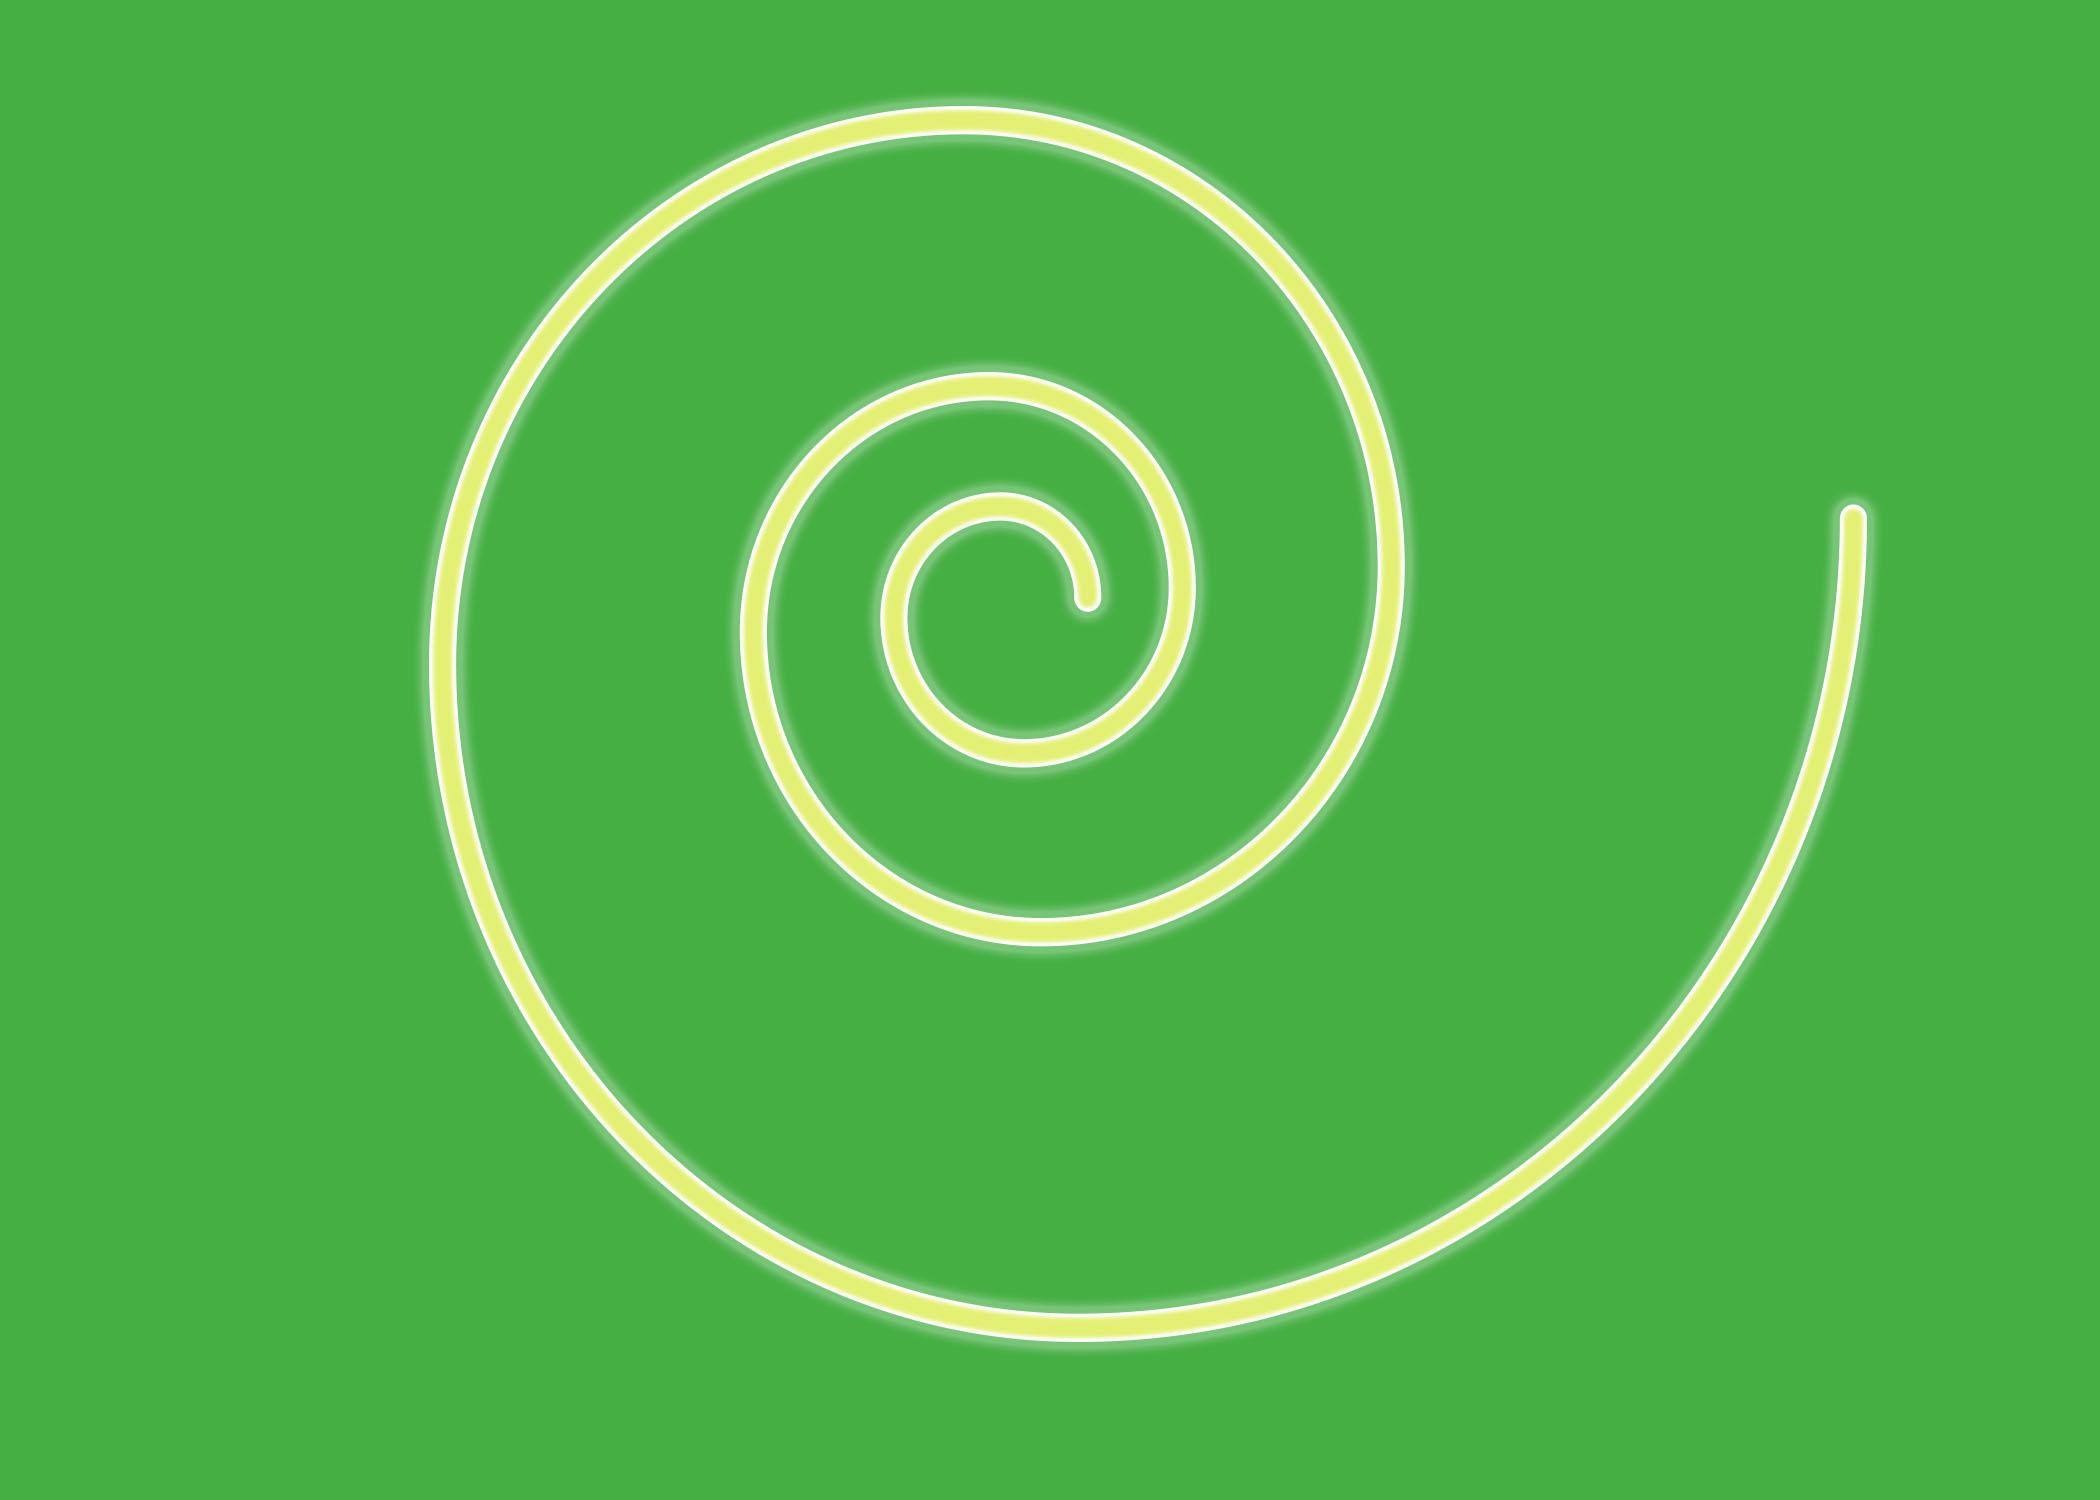 mm spiralpsd.jpg